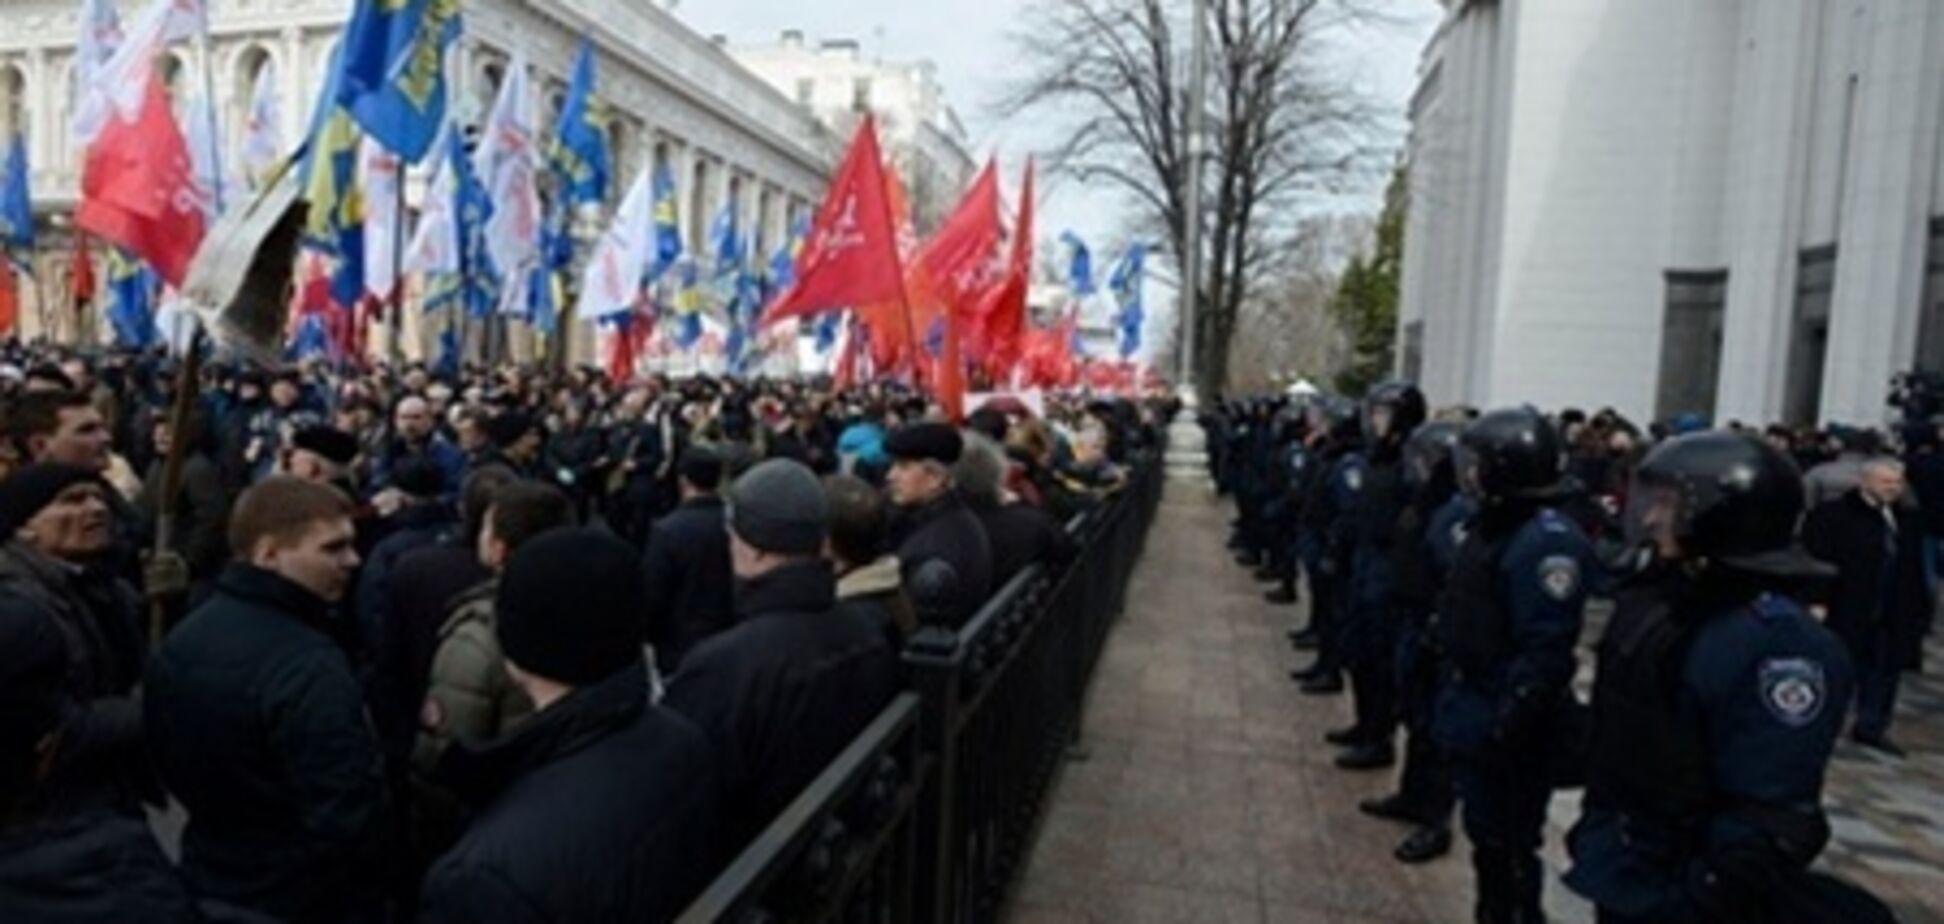 В регионала Лукьянова запустили банкой из-под пива